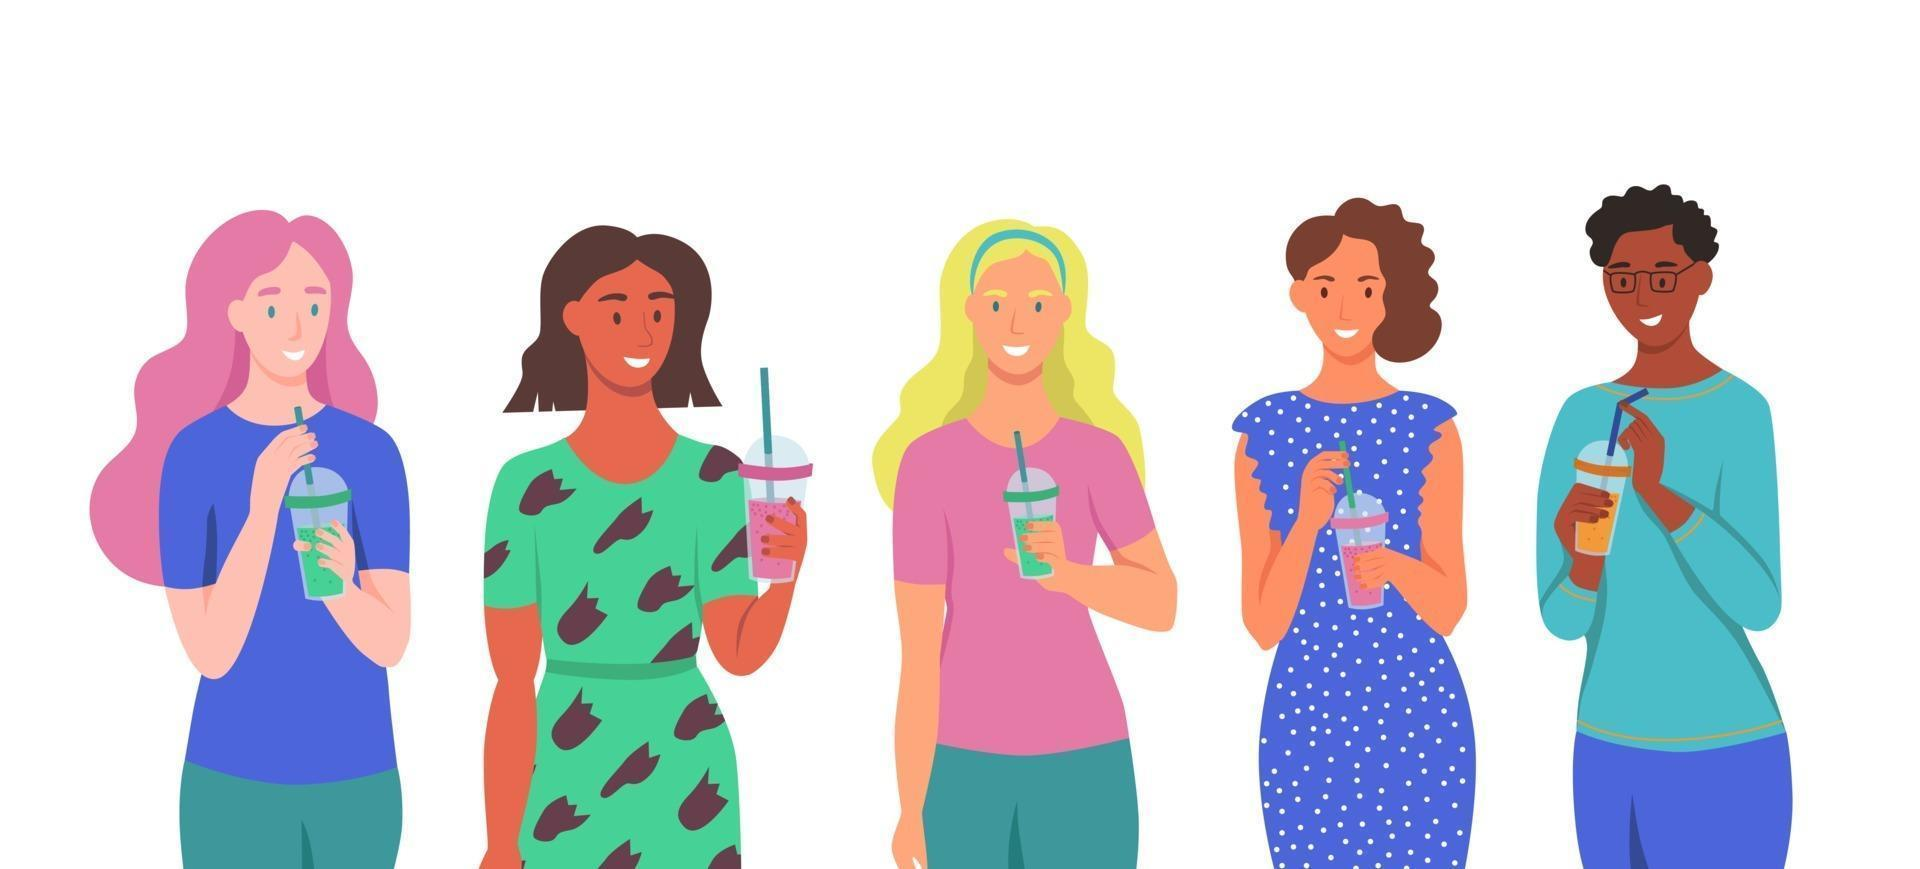 en uppsättning karaktärer. unga kvinnor dricker smoothies, färsk juice, en cocktail. begreppet rätt näring, hälsosam livsstil. platt tecknad illustration. vektor